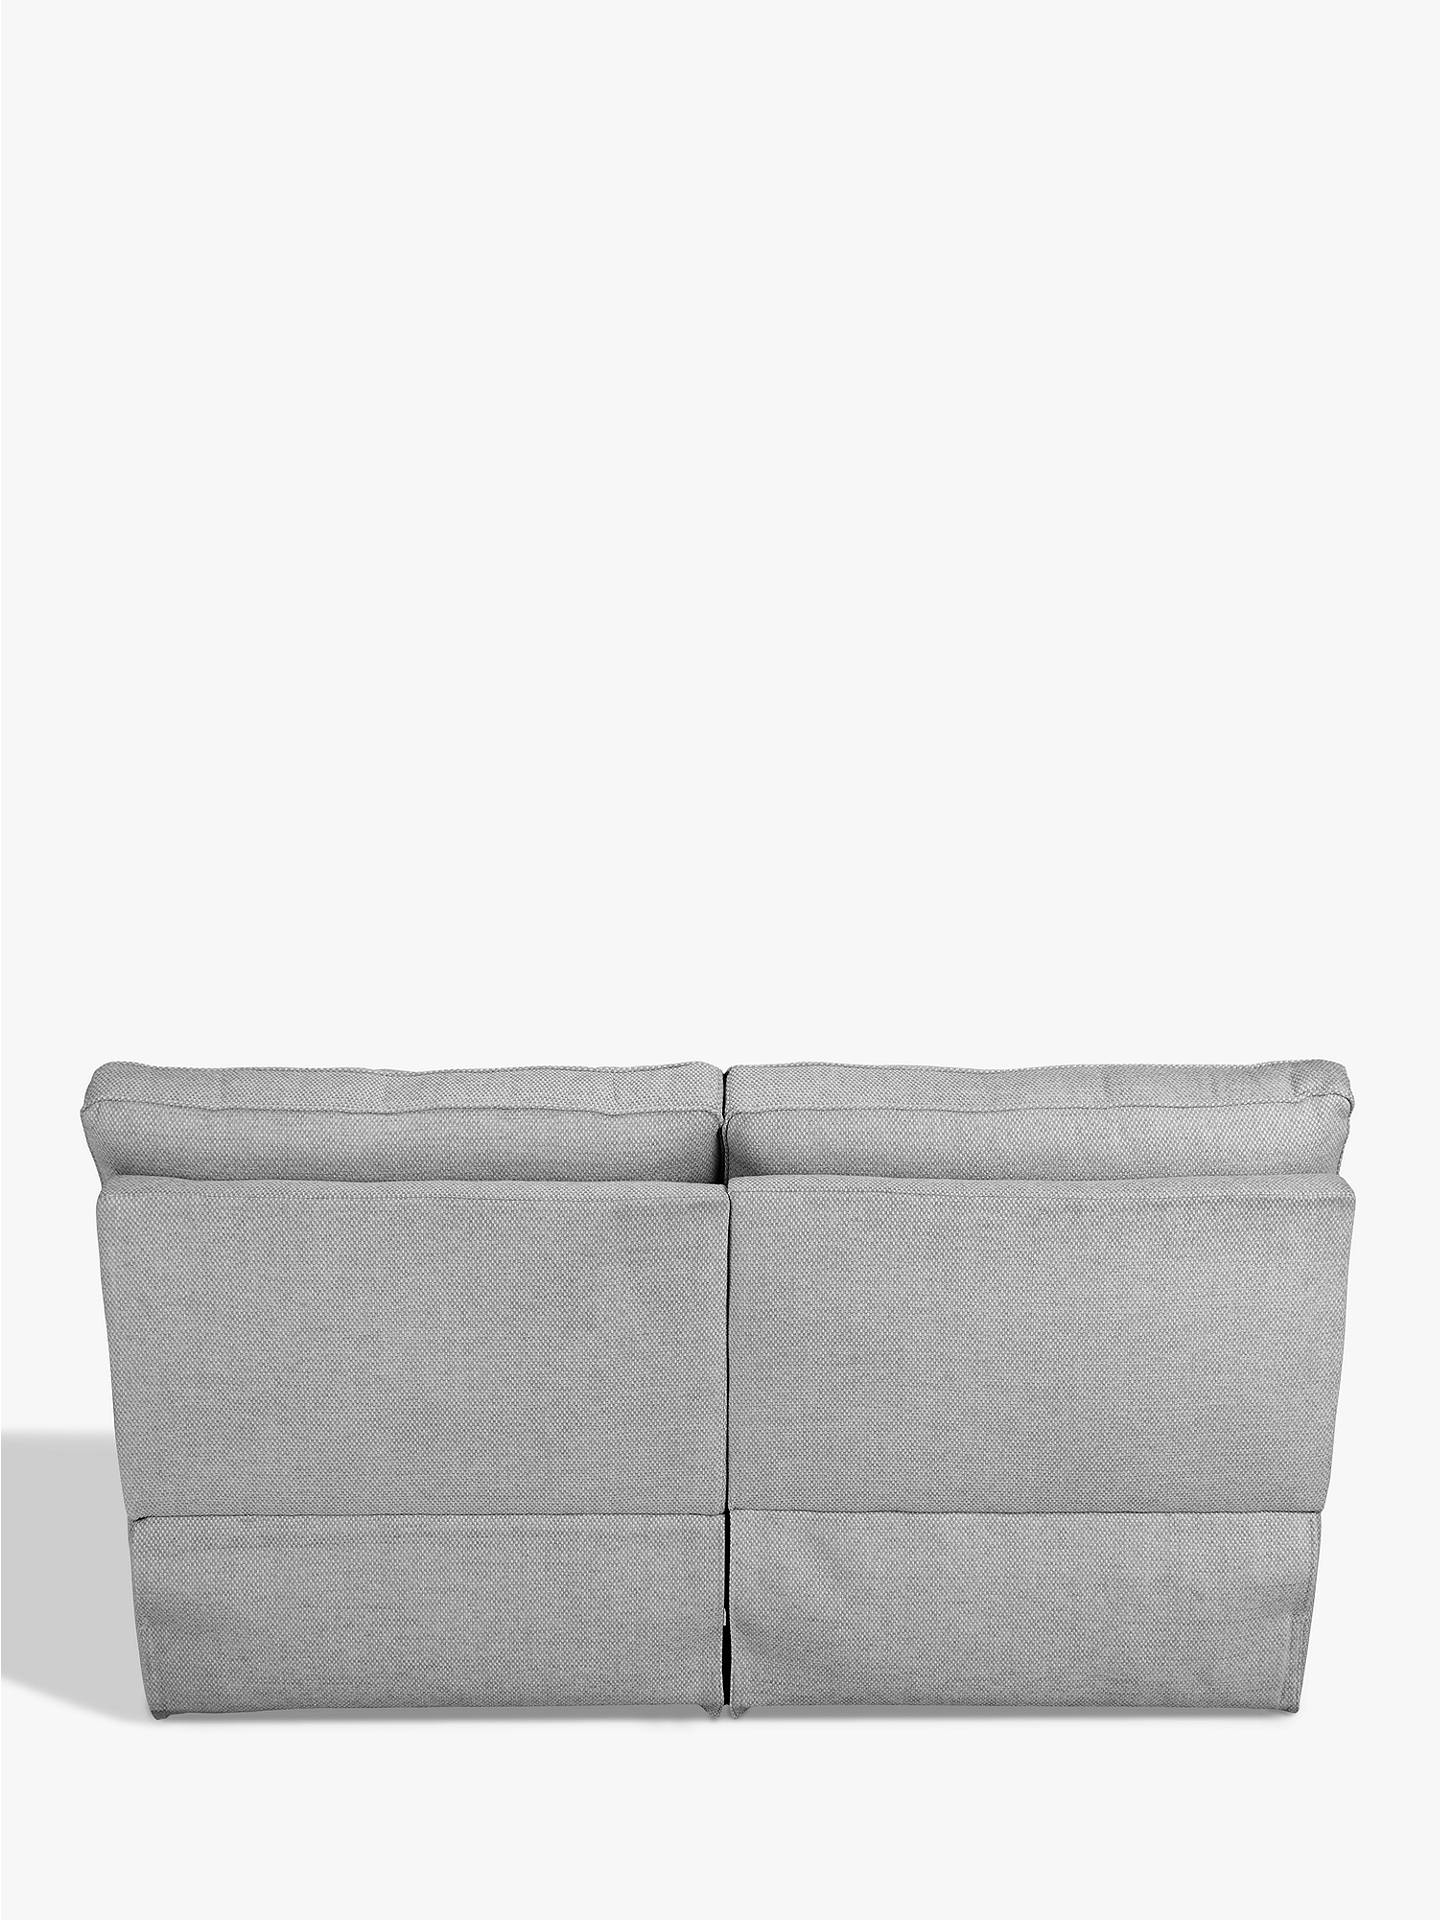 John Lewis & Partners Carlisle Medium 2 Seater Manual